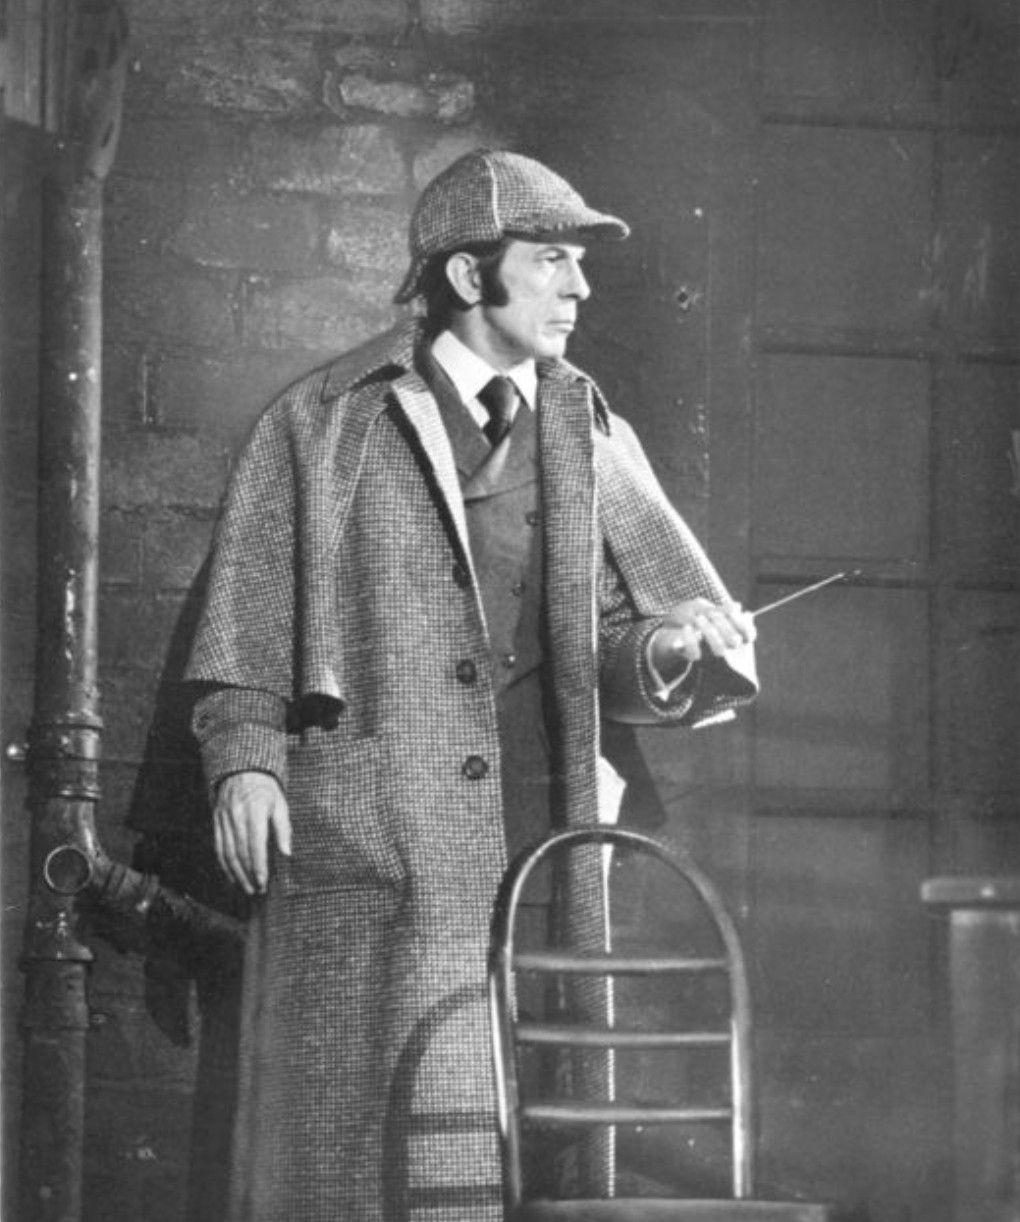 Leonard Nimoy Sherlock Holmes 1976 Sherlock Holmes